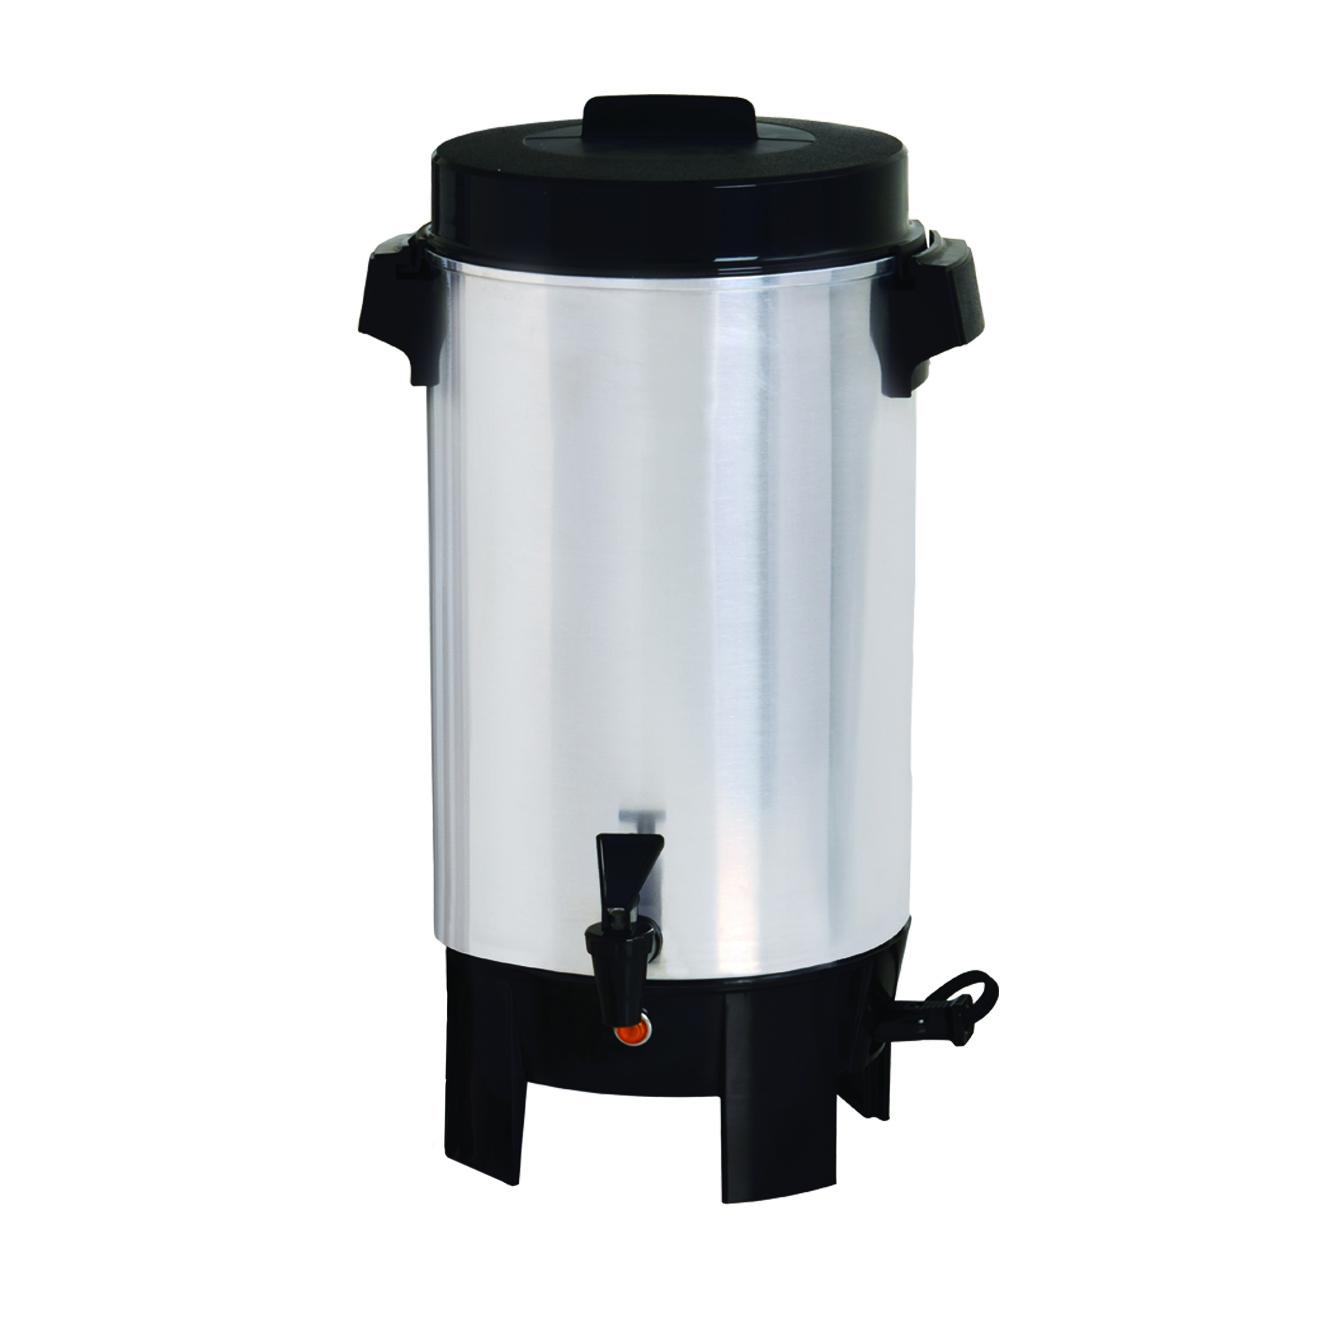 3350-12 Crown Brands, LLC FCMLA042 coffee maker / brewer urn